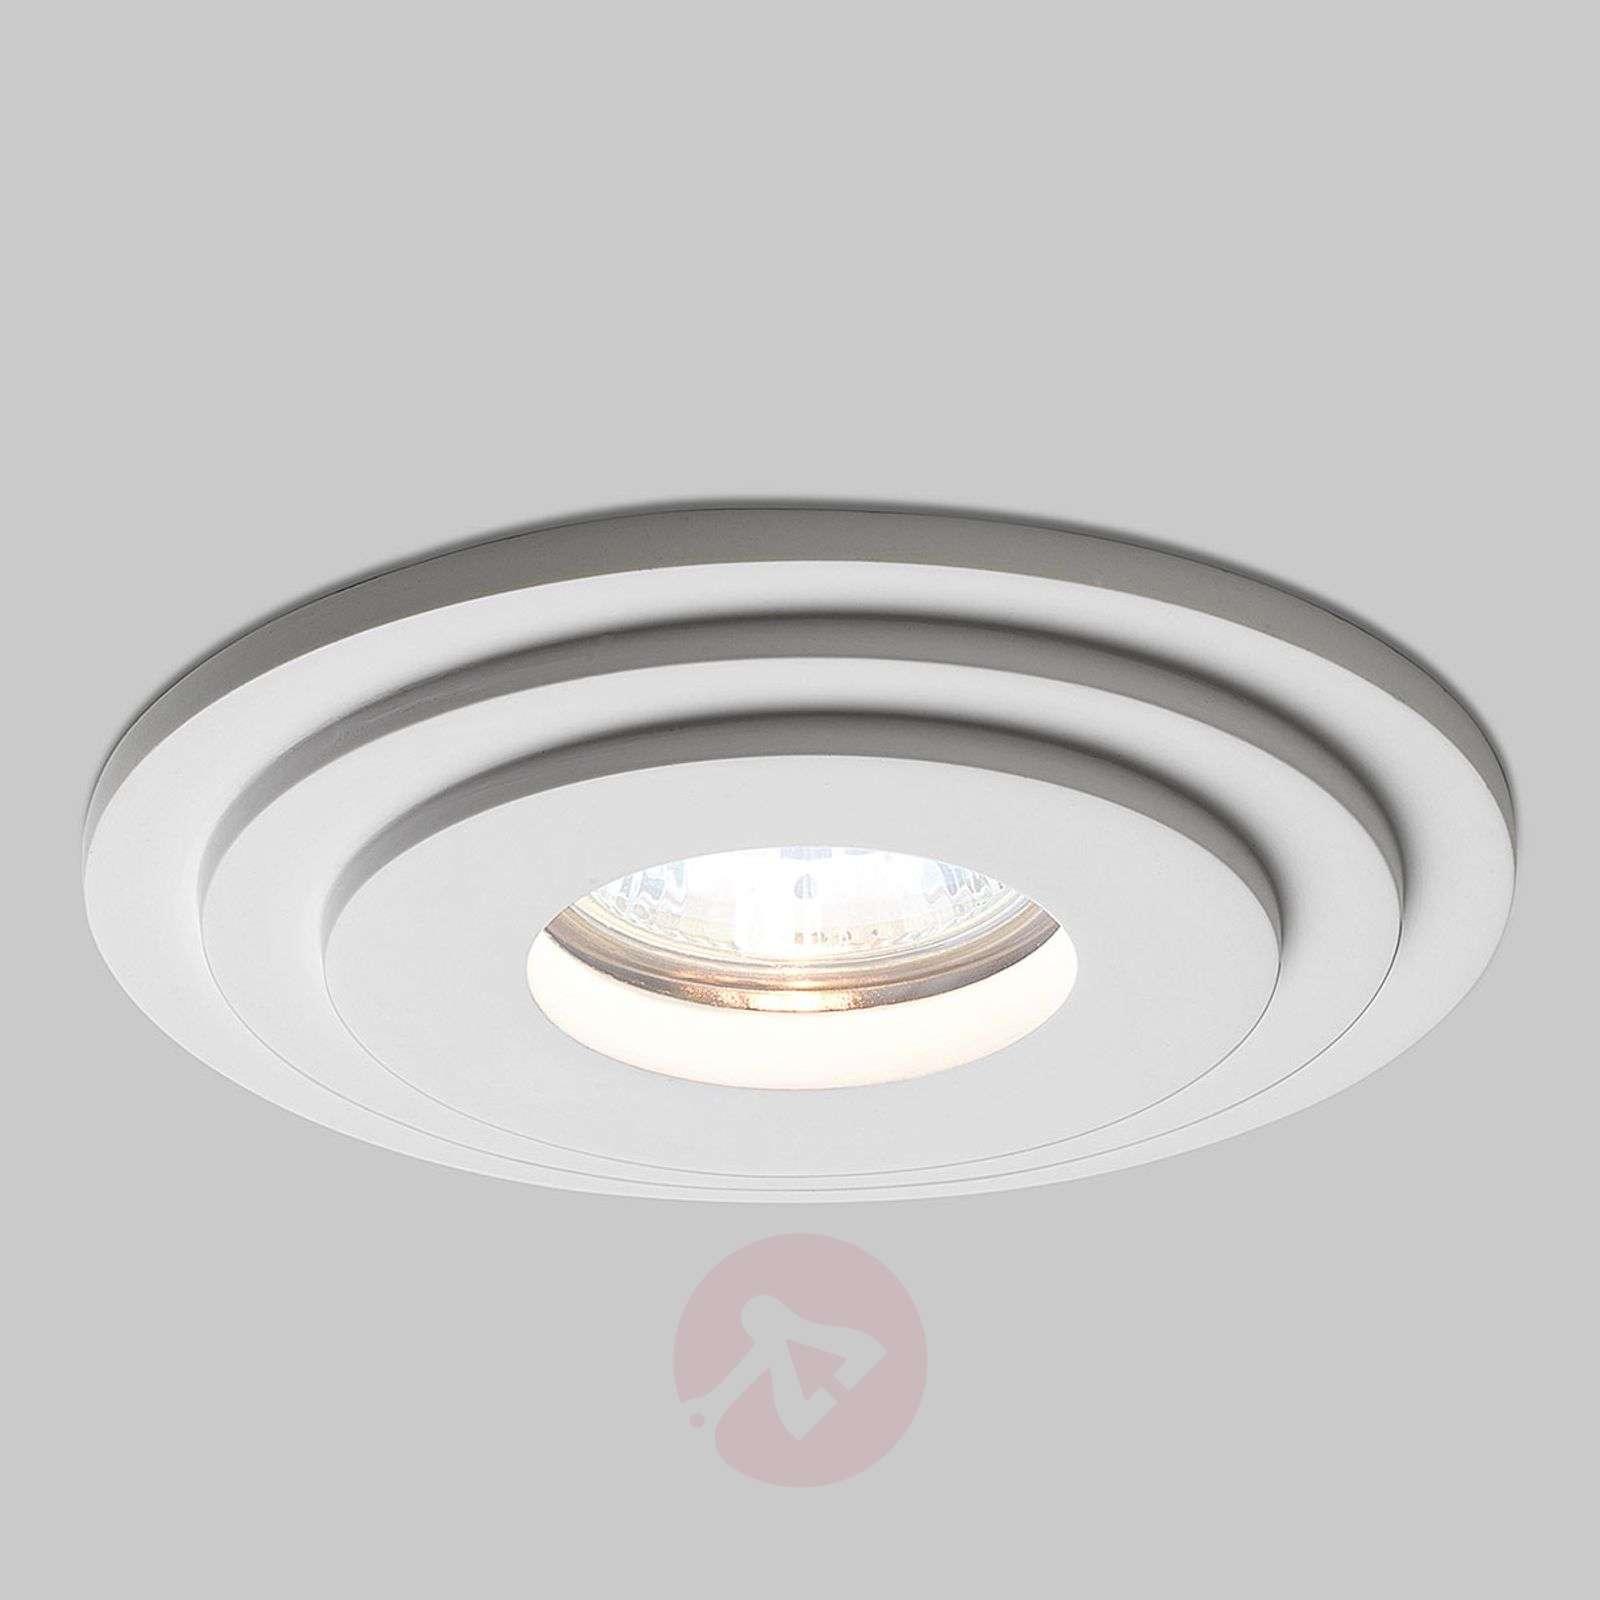 Elegantti kattouppovalaisin BREMBO, pyöreä-1020095-02